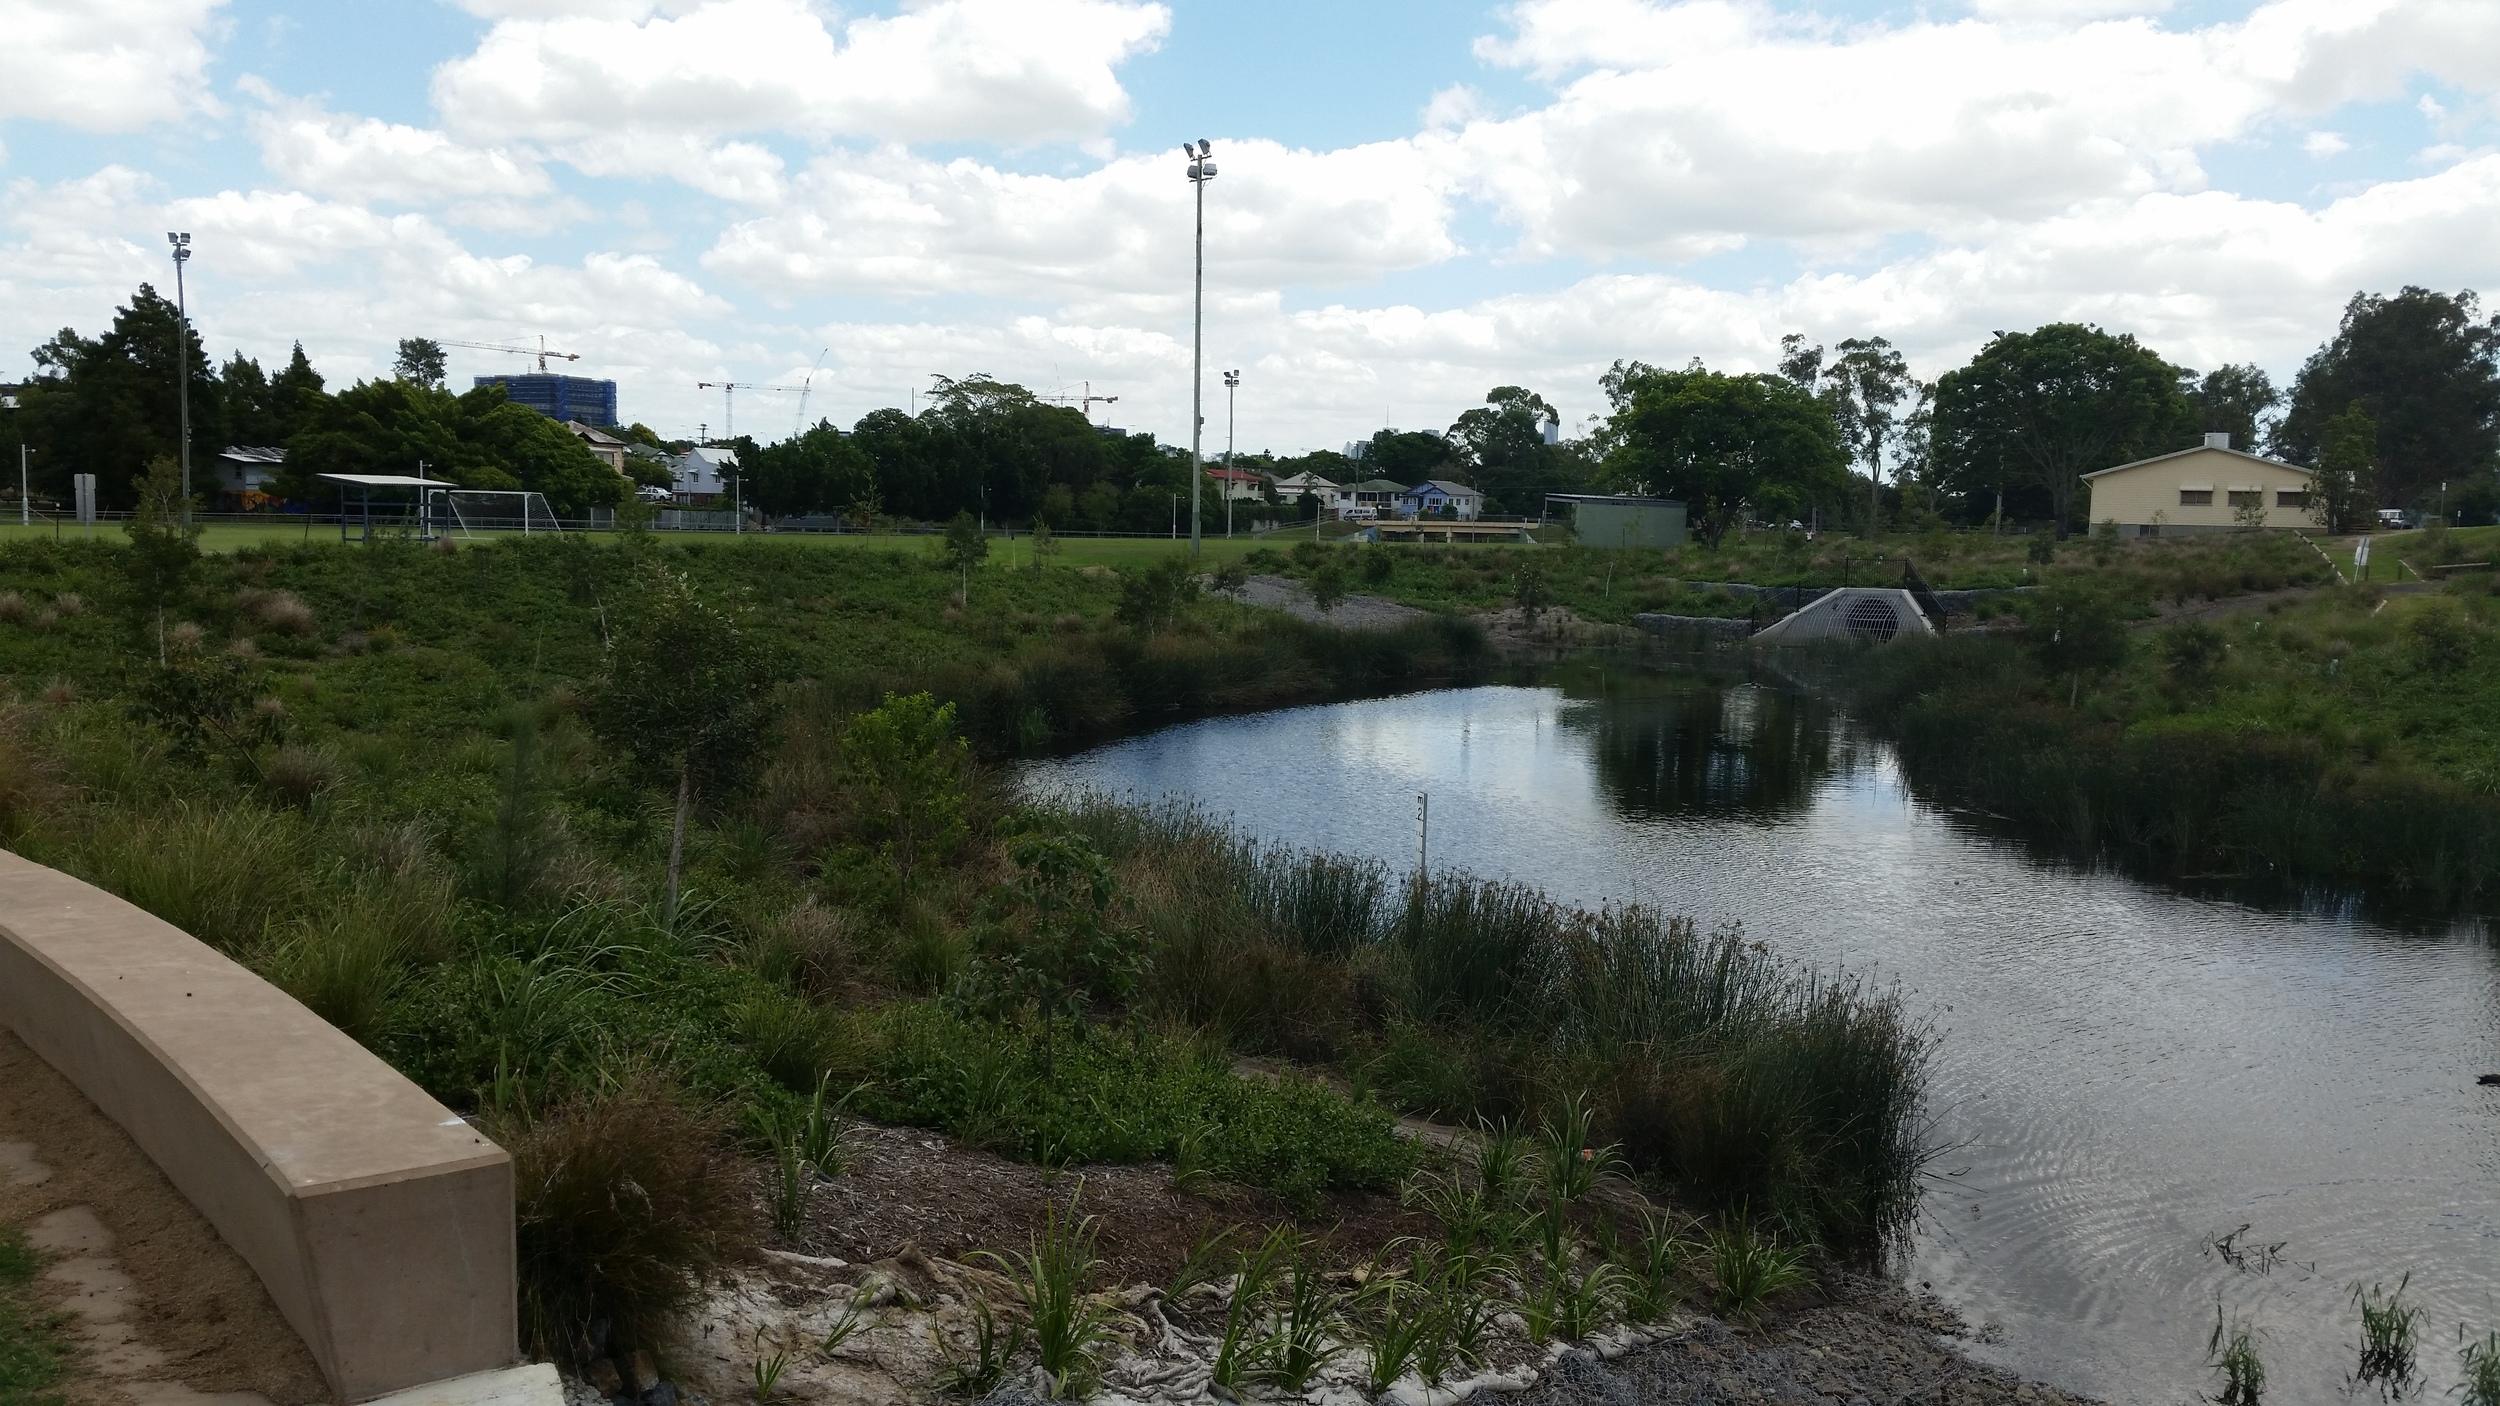 Ekibin Rd Creek Filtration System